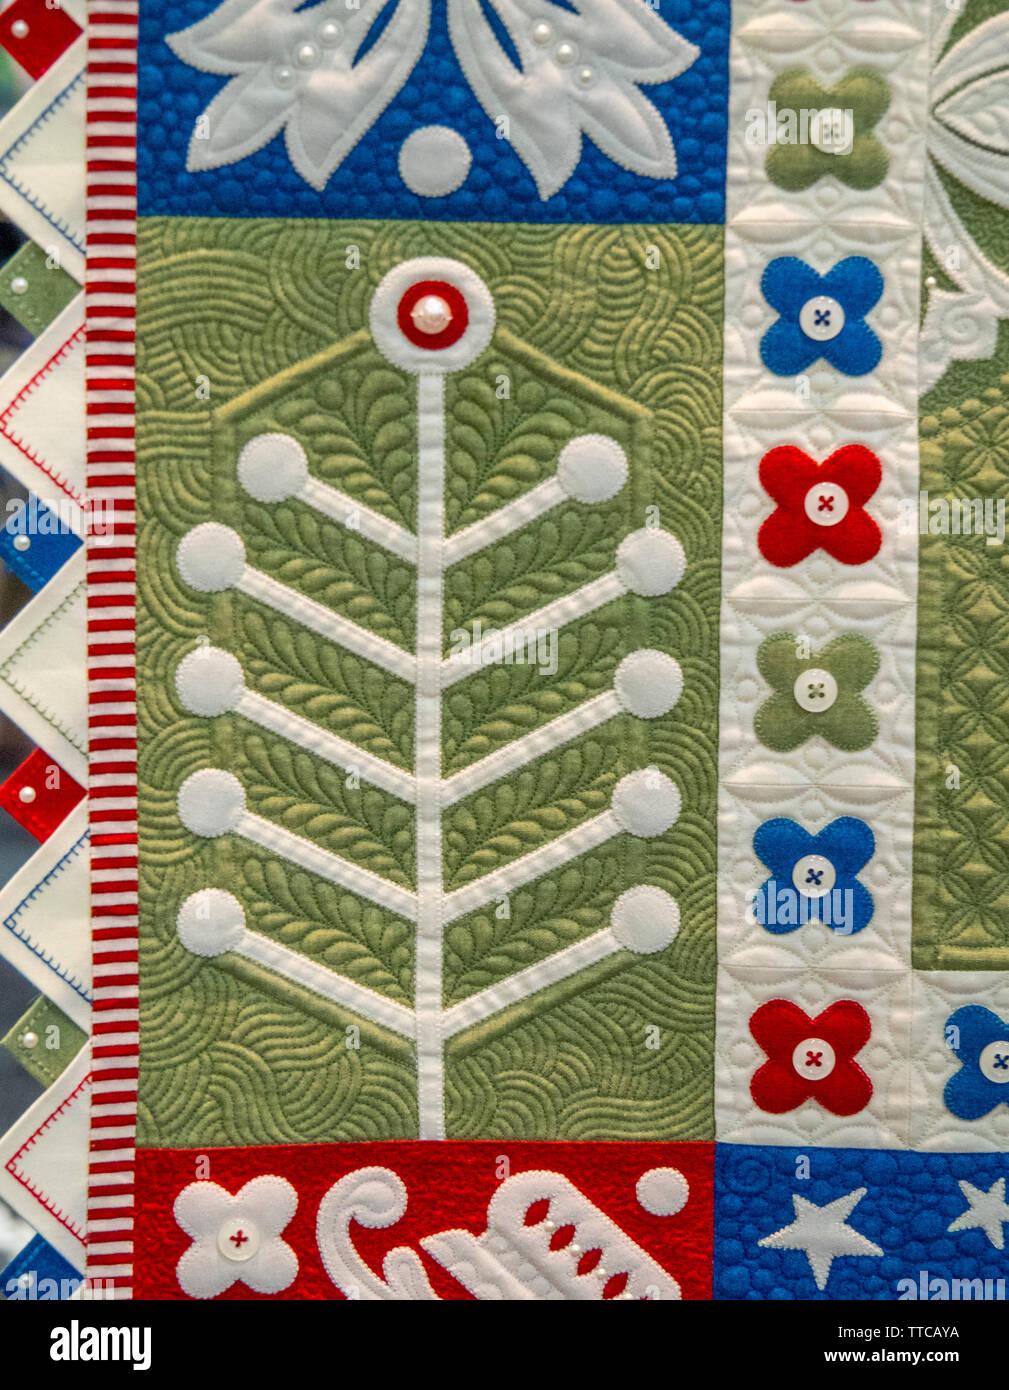 Close up detail de Janome America Best of Show - Moutons & BOUTONS & PEARLS, OH MY! Par Janet Stone au printemps Quilt Show 2019 Paducah Kentucky USA Banque D'Images